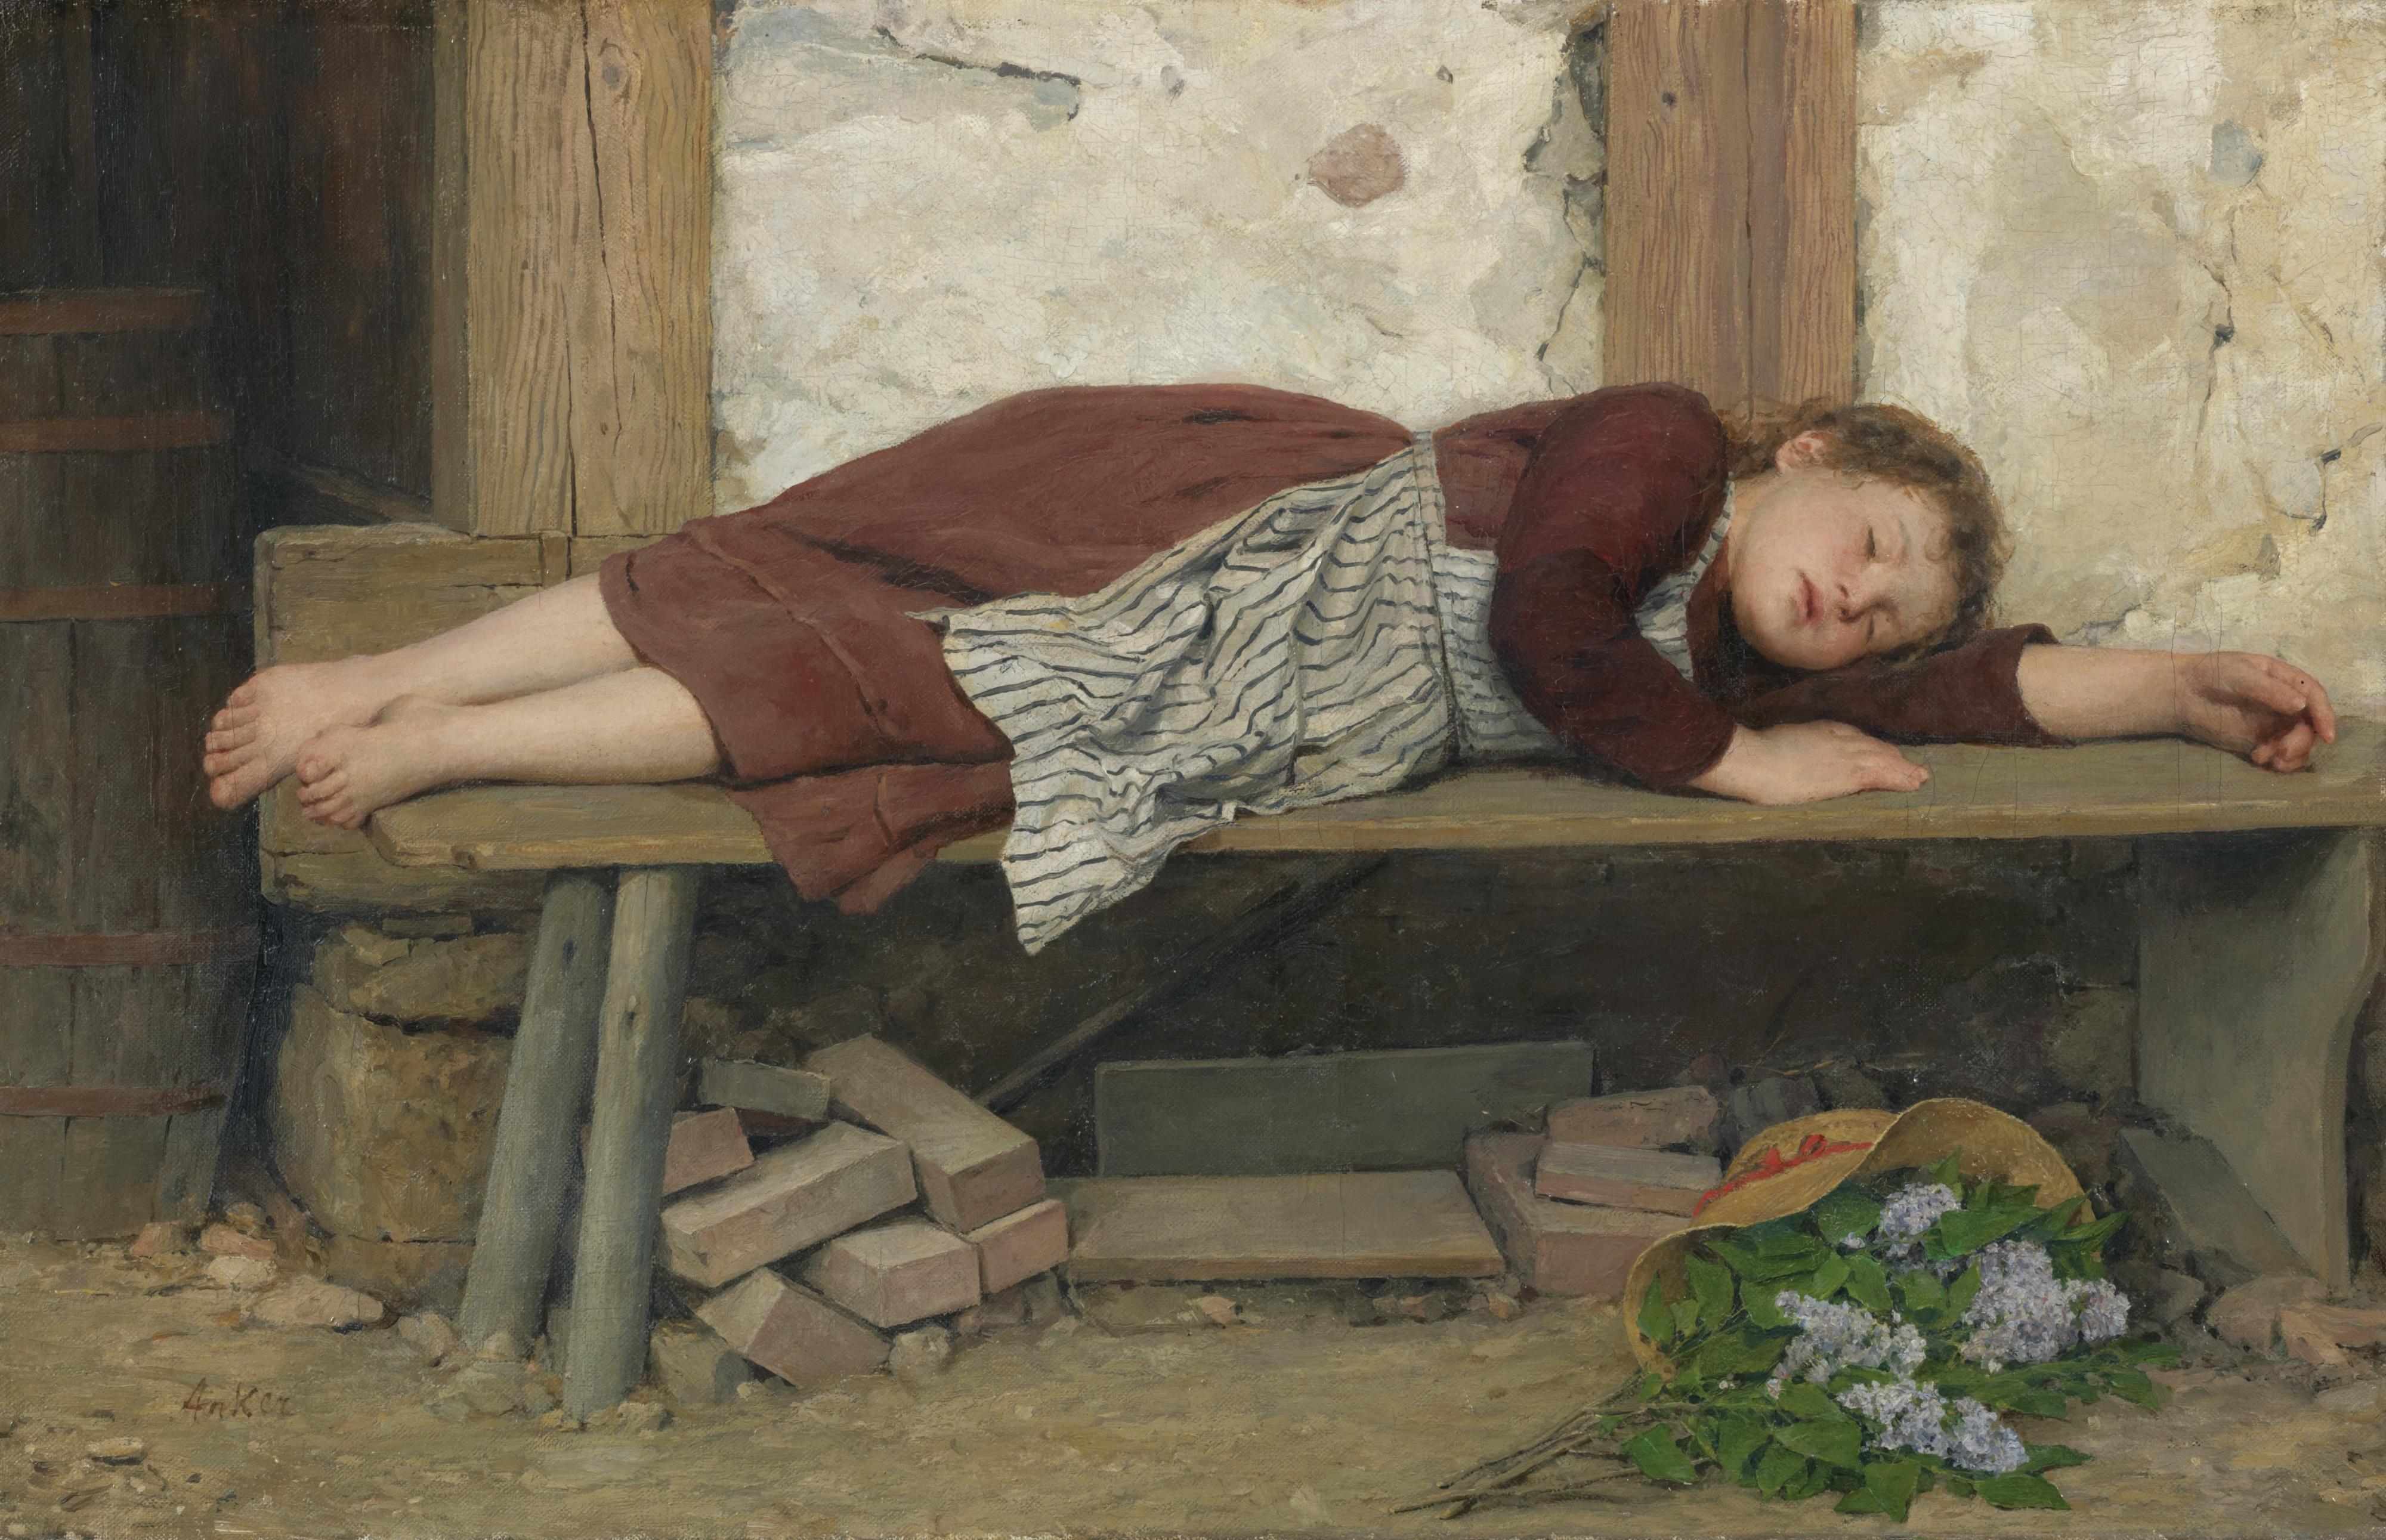 éjszakai ízületi fájdalom az ébredés után